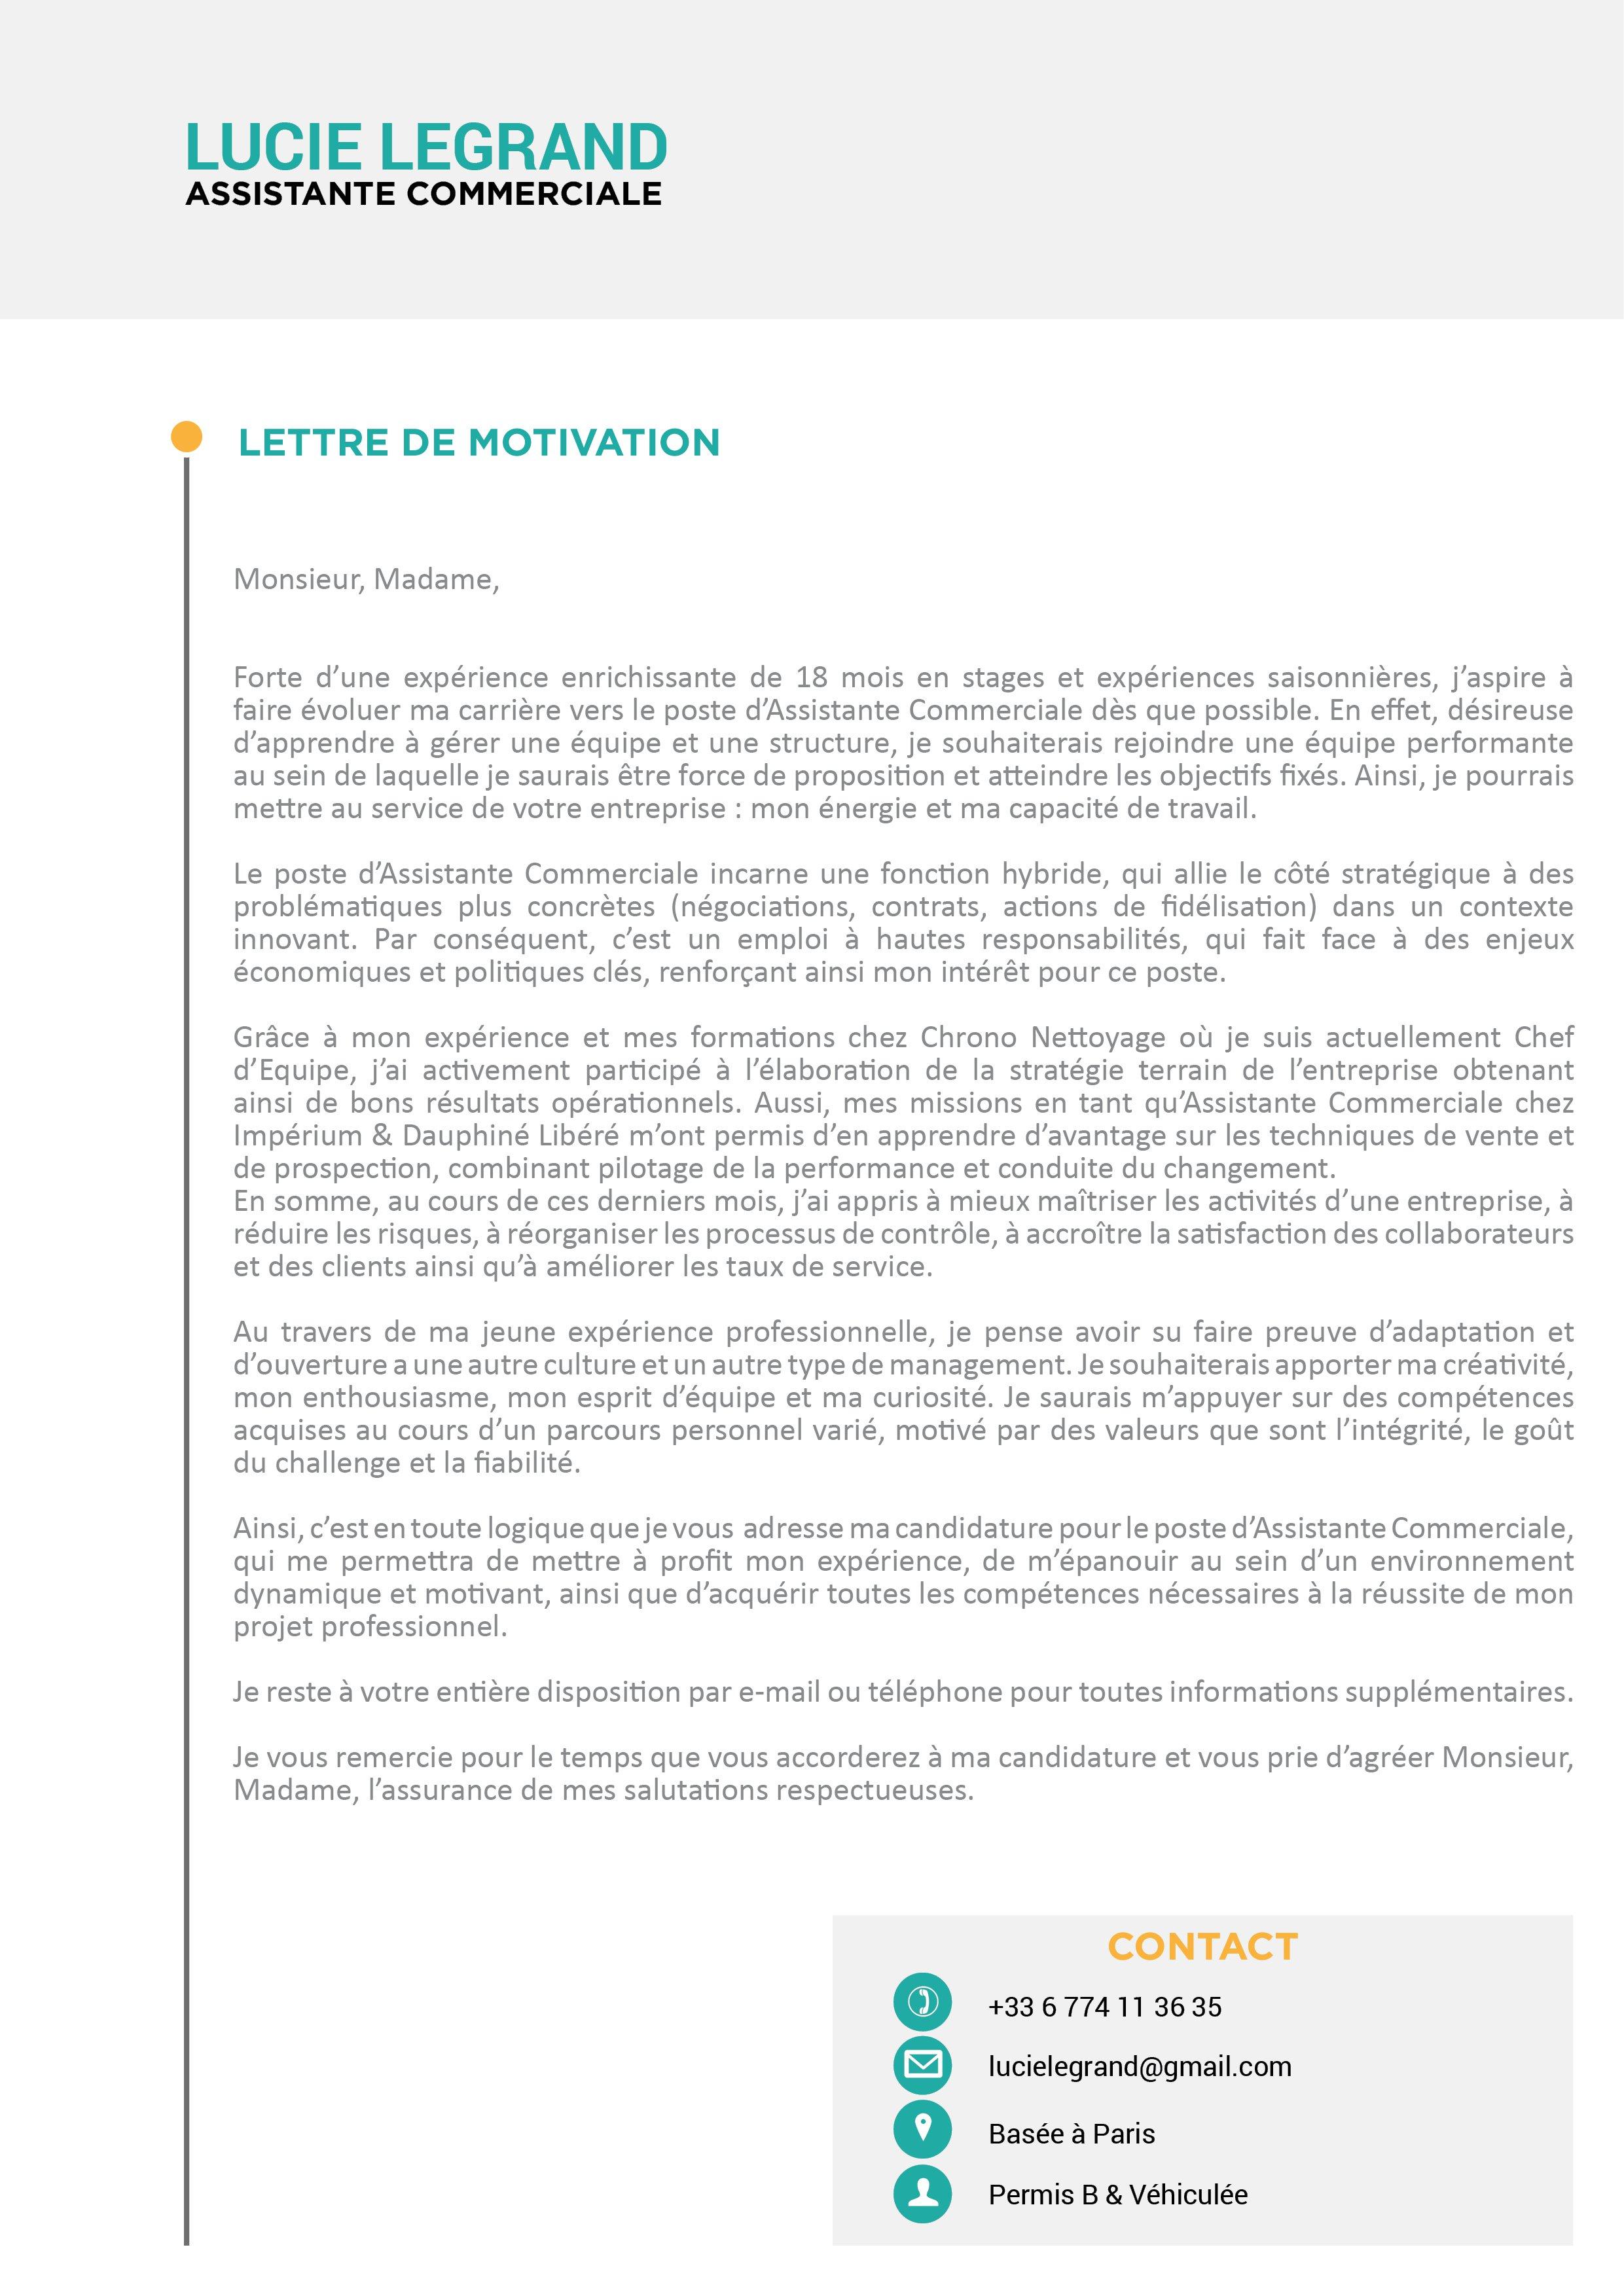 mycvfactory-cover-letter-la-canard-0_Dx2pO0j.jpg